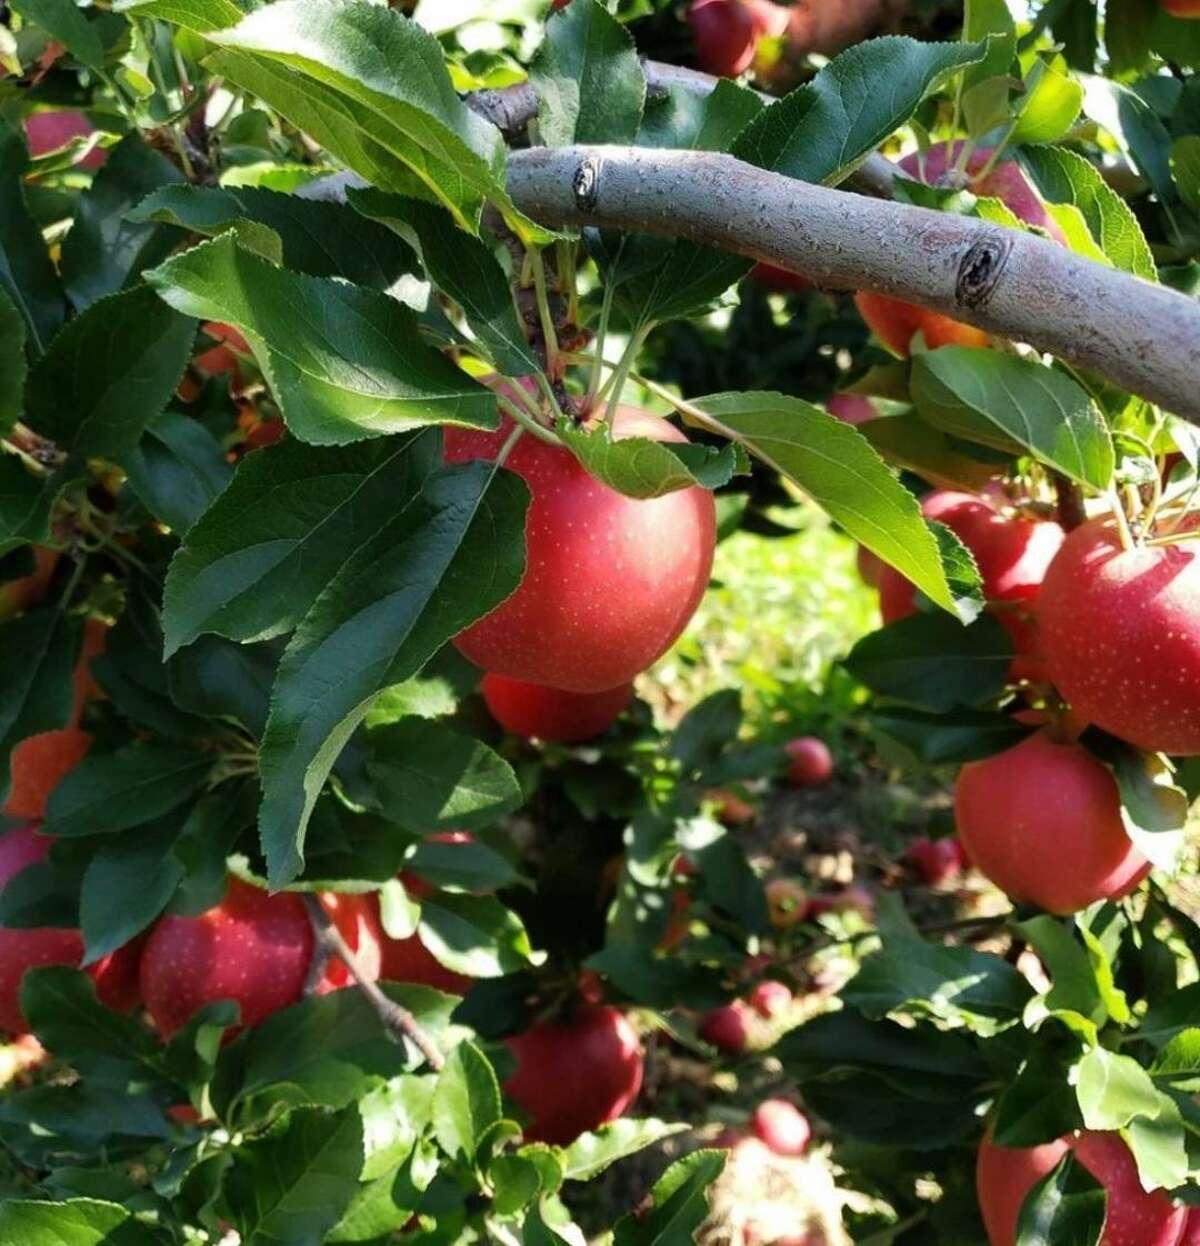 Fall apples make for an easy apple slaw.